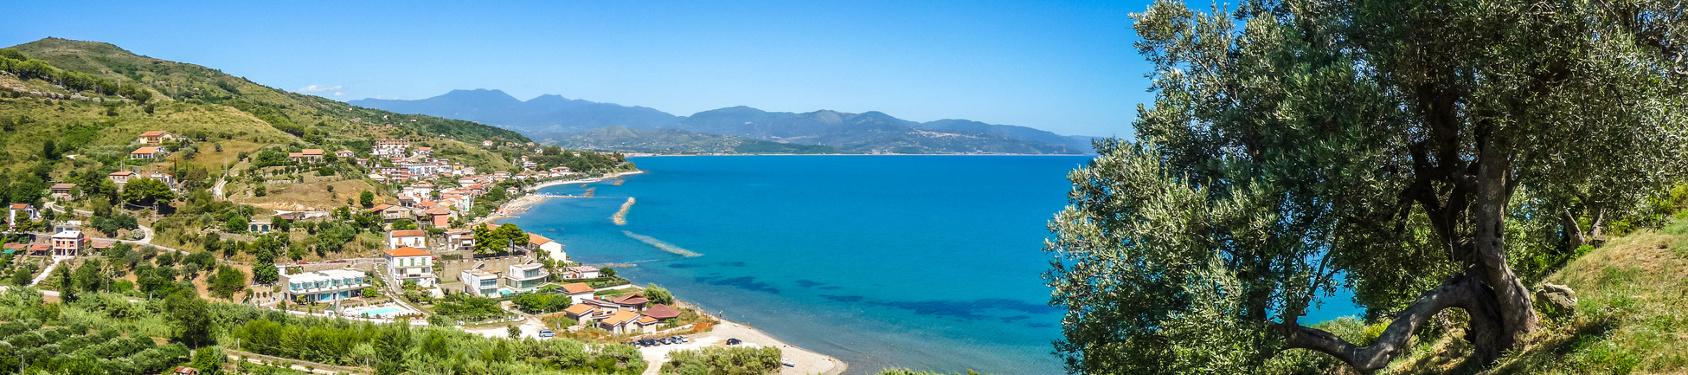 Bild von Salerno und Umgebung